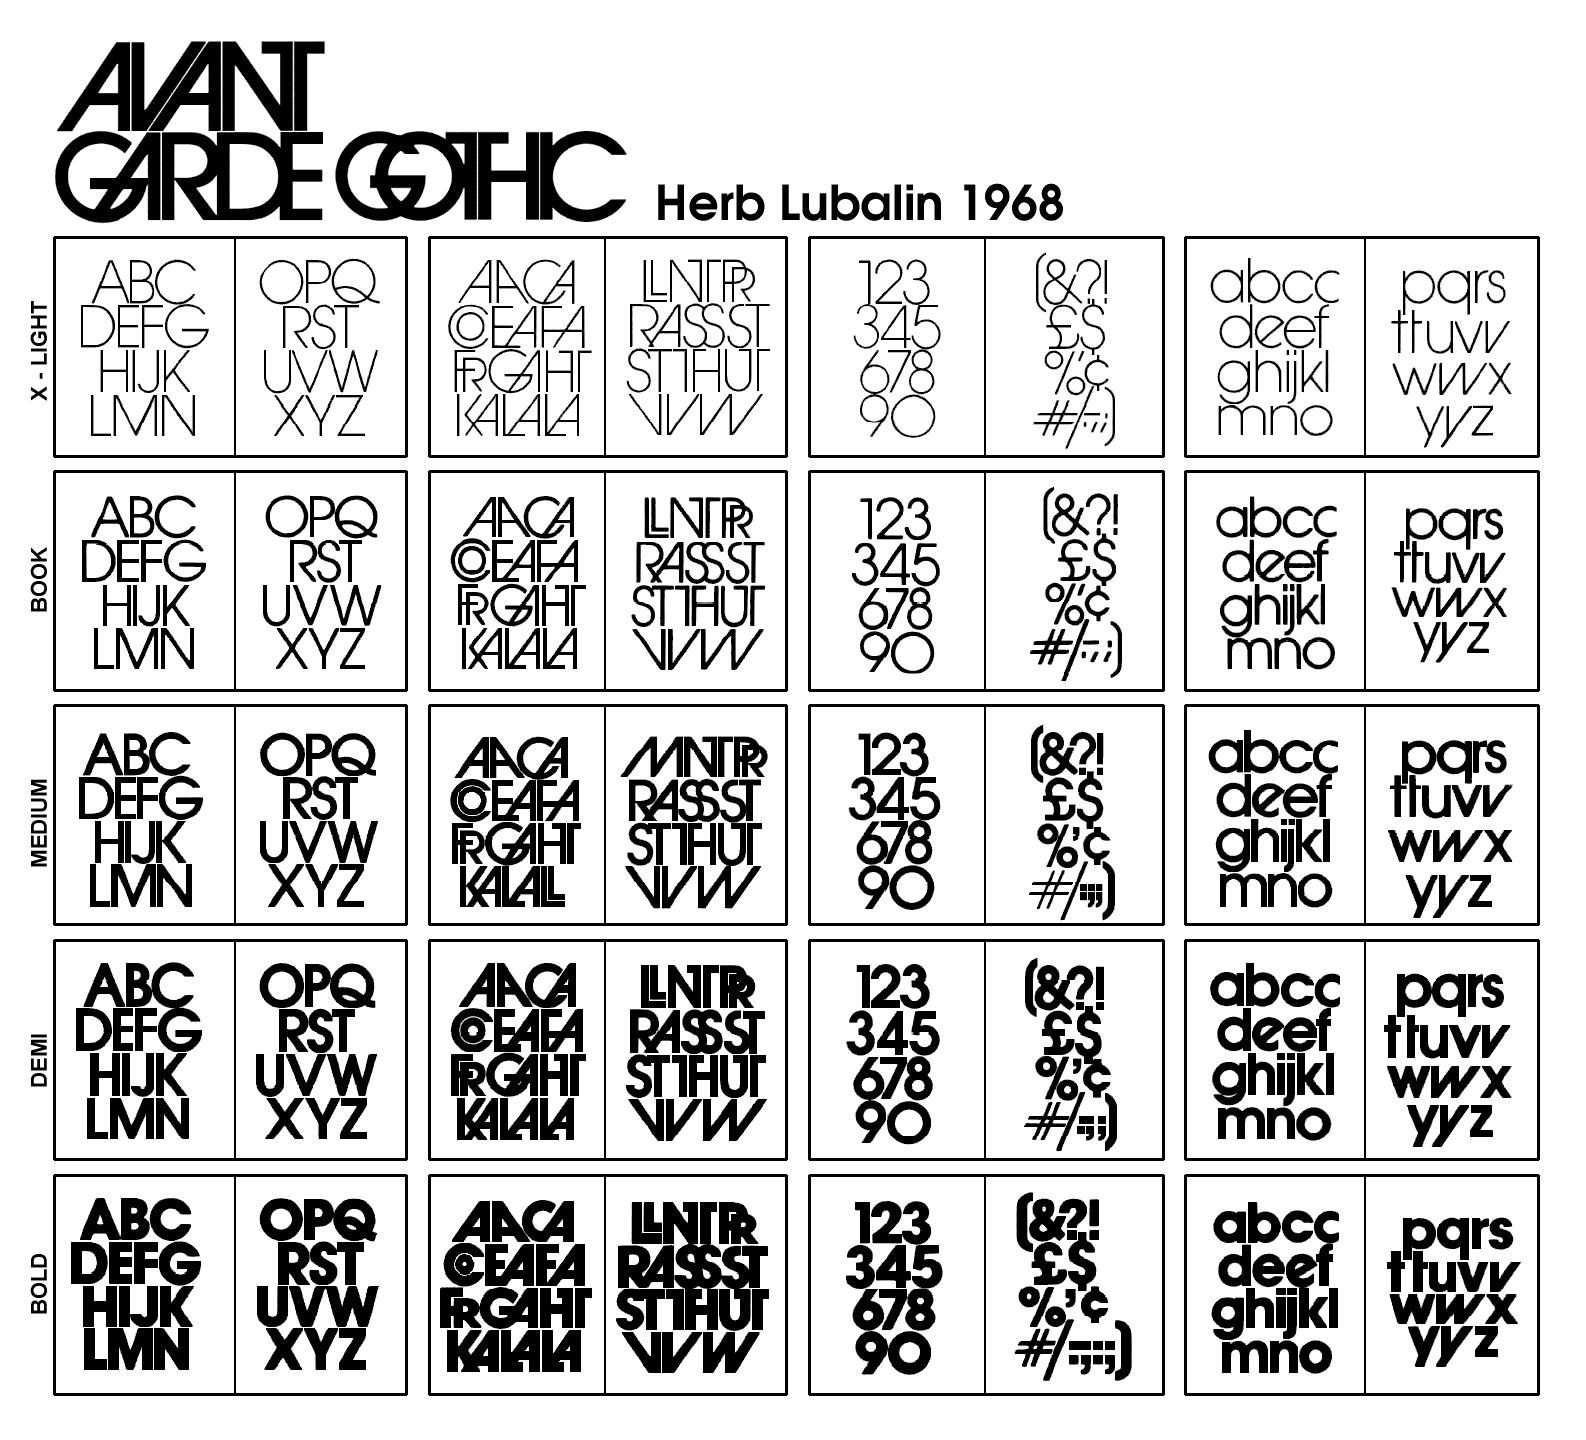 herb lubalin avant garde gothic - Google zoeken